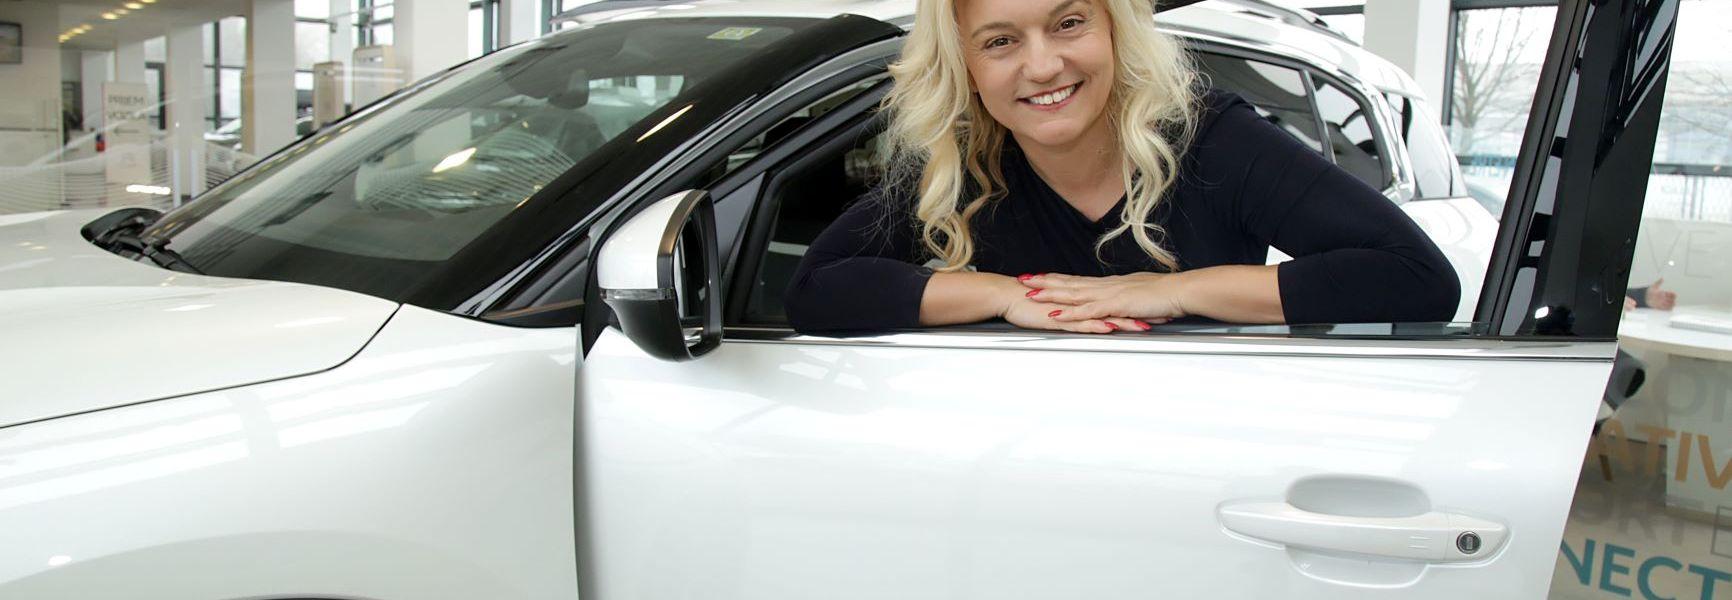 Citroën – službena marka vozila žena u poduzetništvu - članica Ženskog poduzetničkog centra